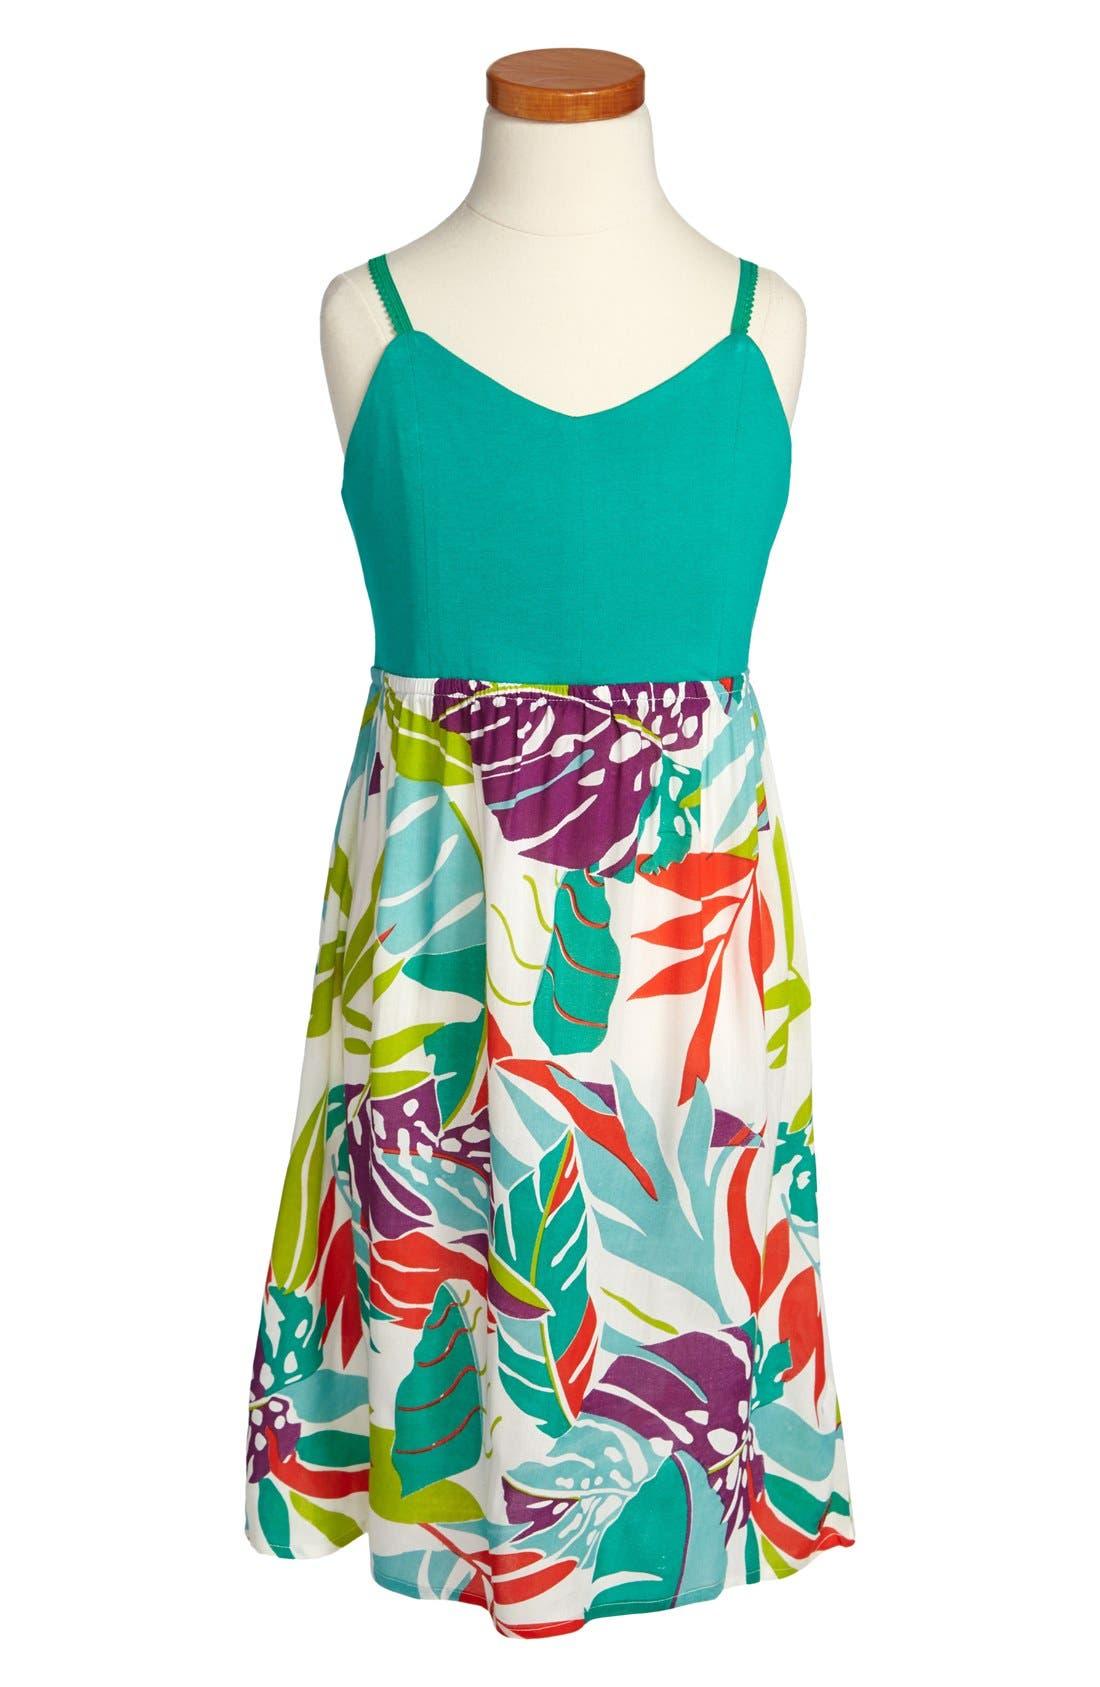 Main Image - Roxy 'Open Season' Sleeveless Maxi Dress  (Big Girls)